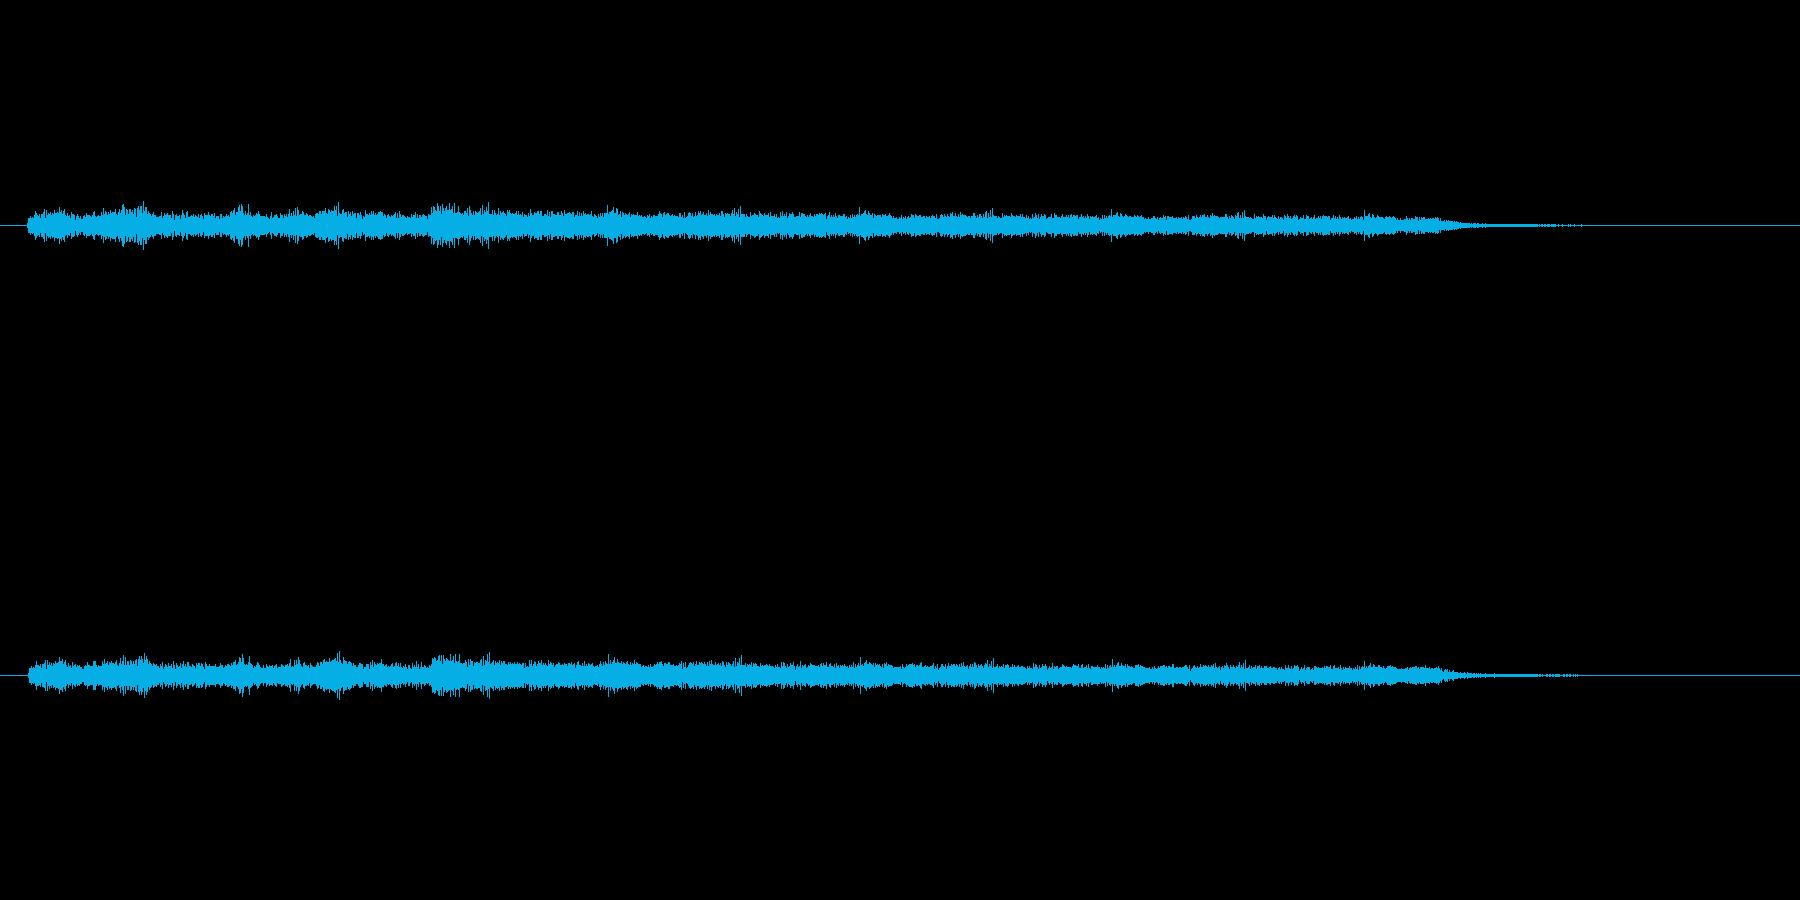 「ジャララララン (シンセ音)」の再生済みの波形